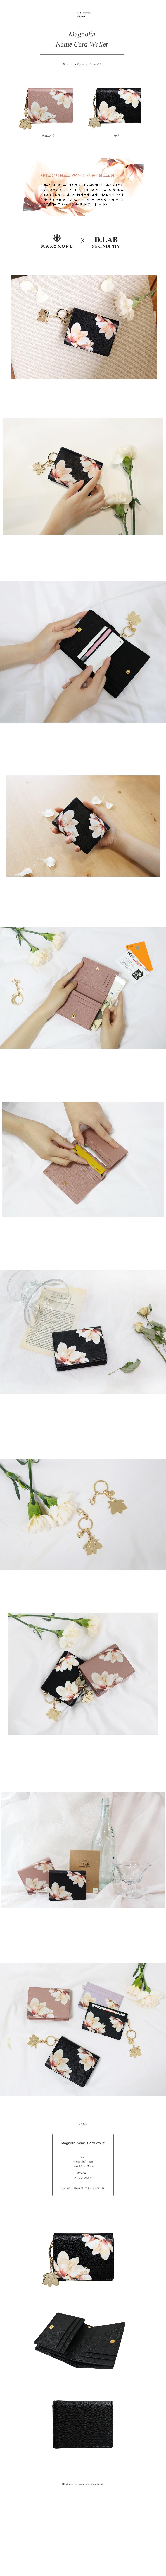 [키링증정] 디랩x마리몬드 명함반지갑 - 백목련(블랙) - 디랩, 37,000원, 여성용, 반지갑